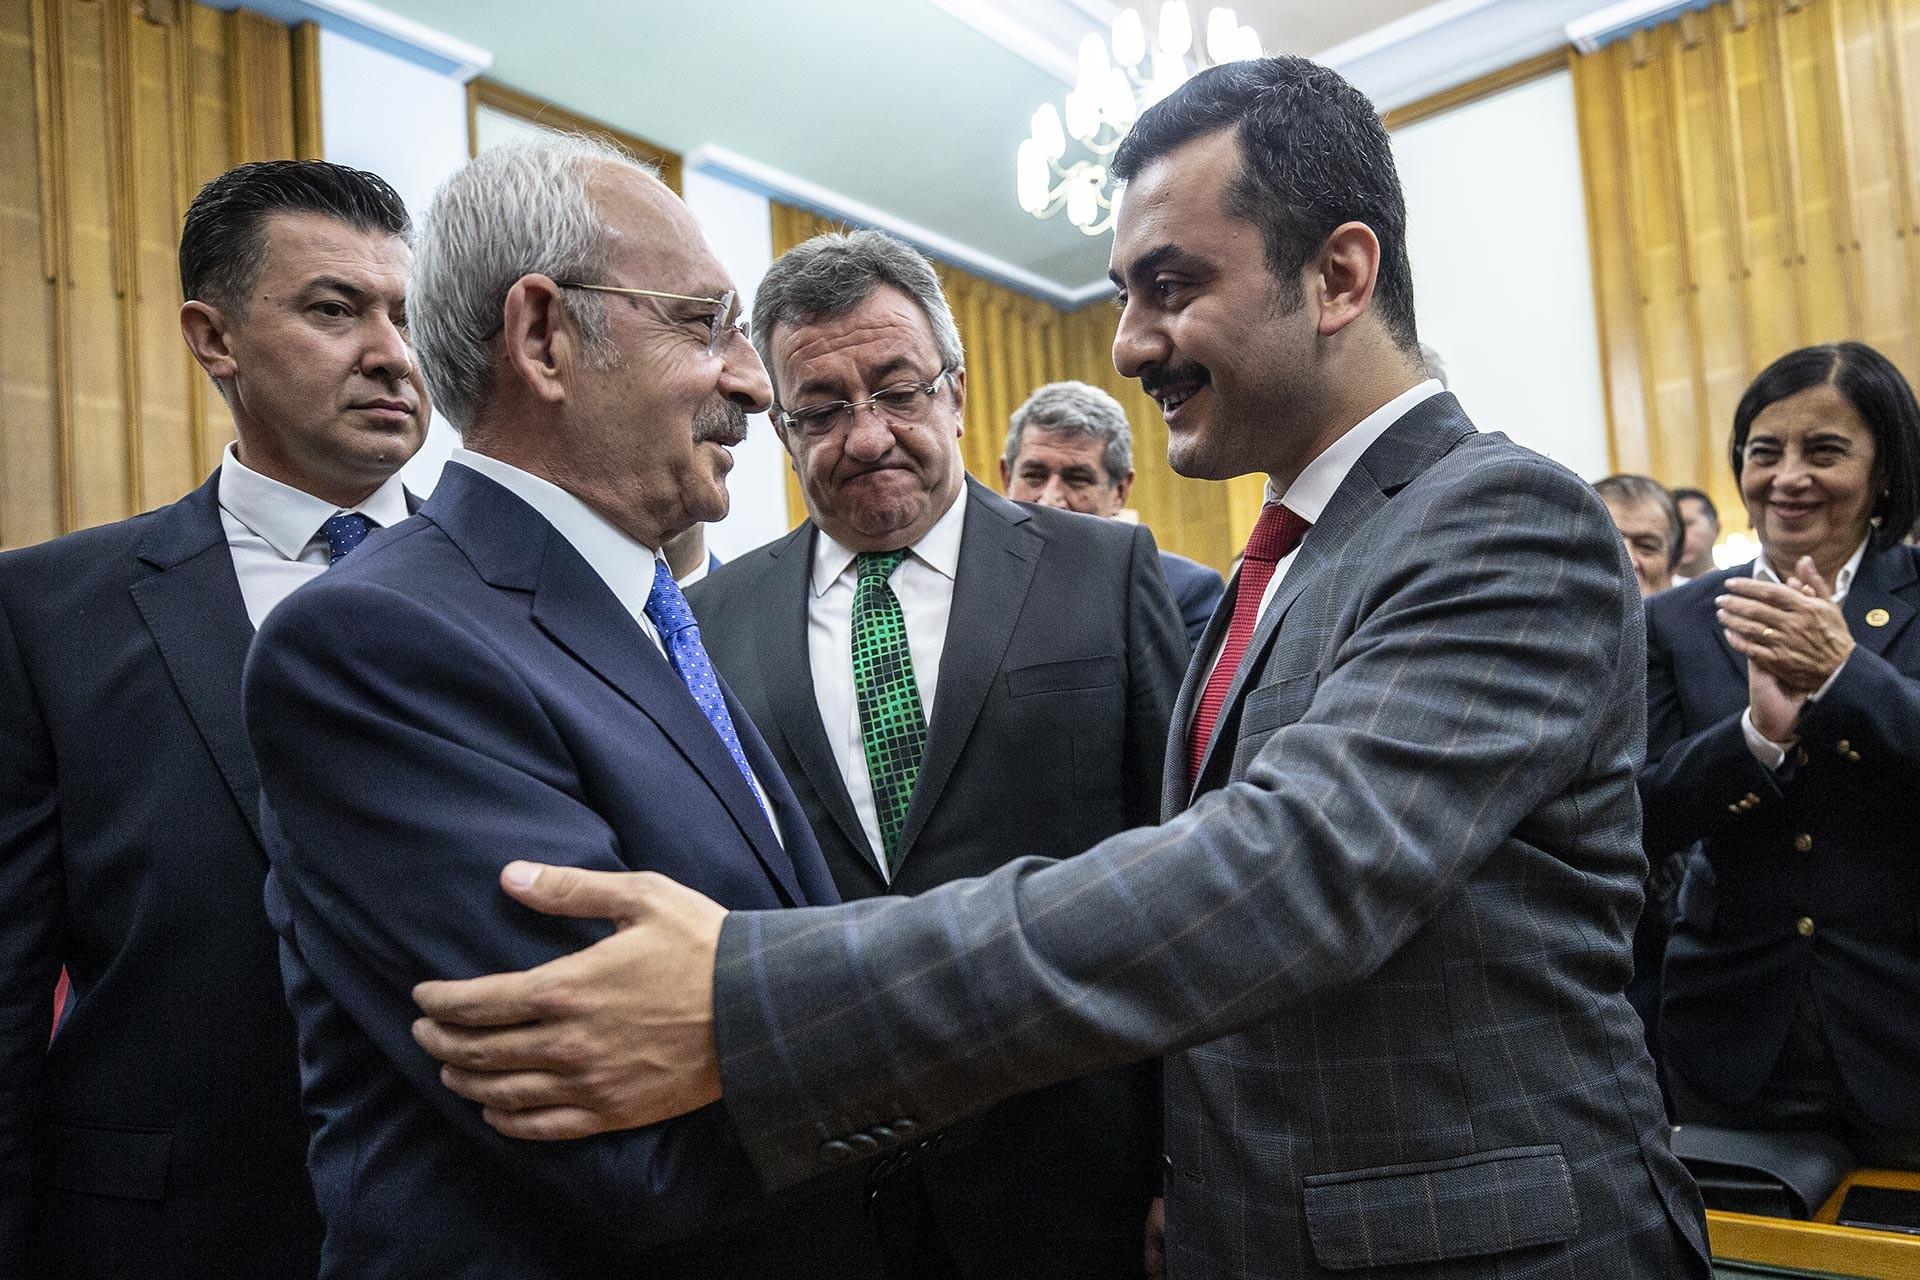 Kılıçdaroğlu, cezaevinden tahliye olan Eren Erdem'le CHP grup toplantısında görüştü